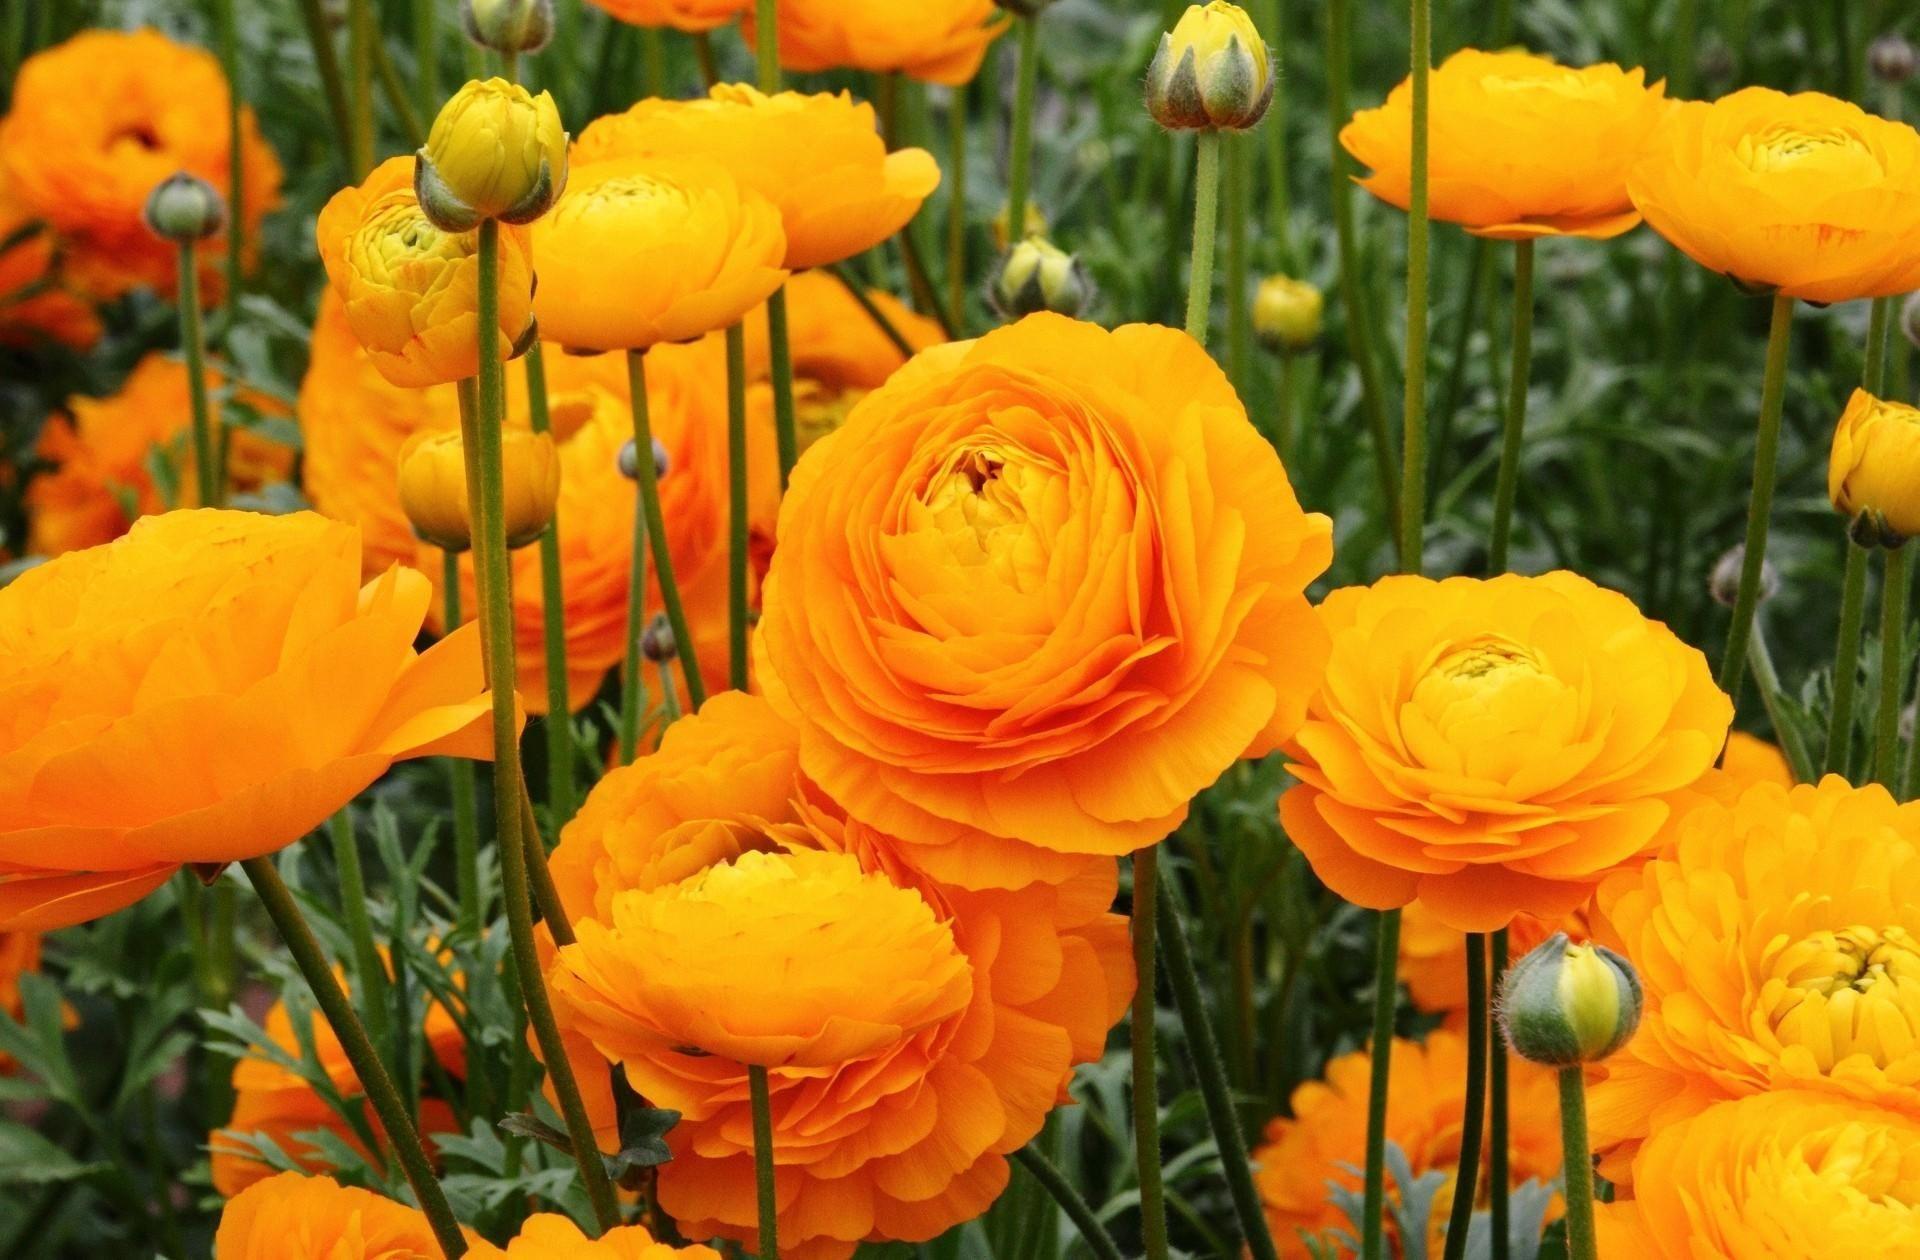 Желтые ранункулюсы добавят летнего солнечного настроения